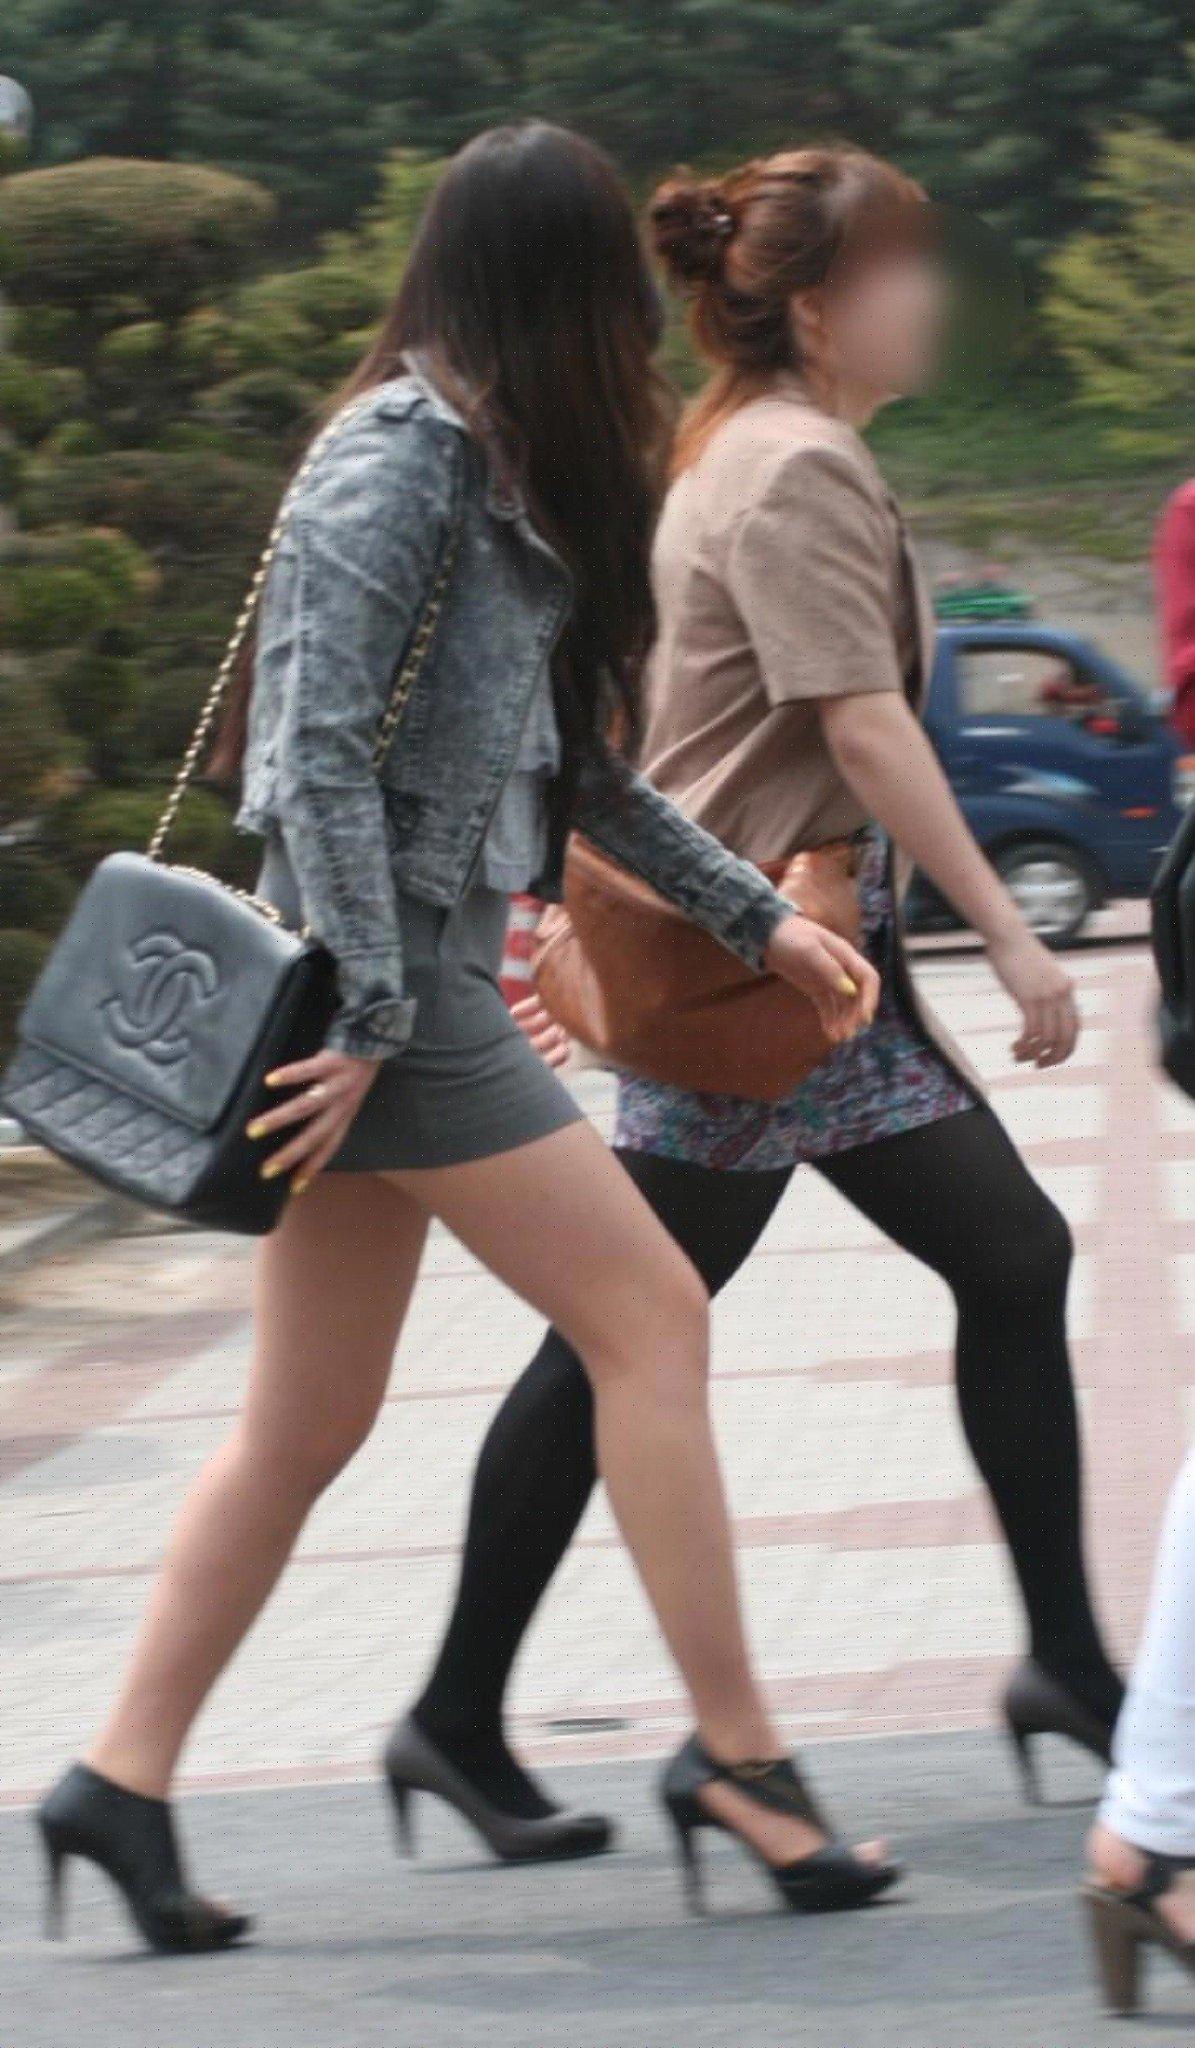 【激写】とどまることを知らない韓国の過激ファッションエロ杉・・・絶句した。(画像35枚)・19枚目